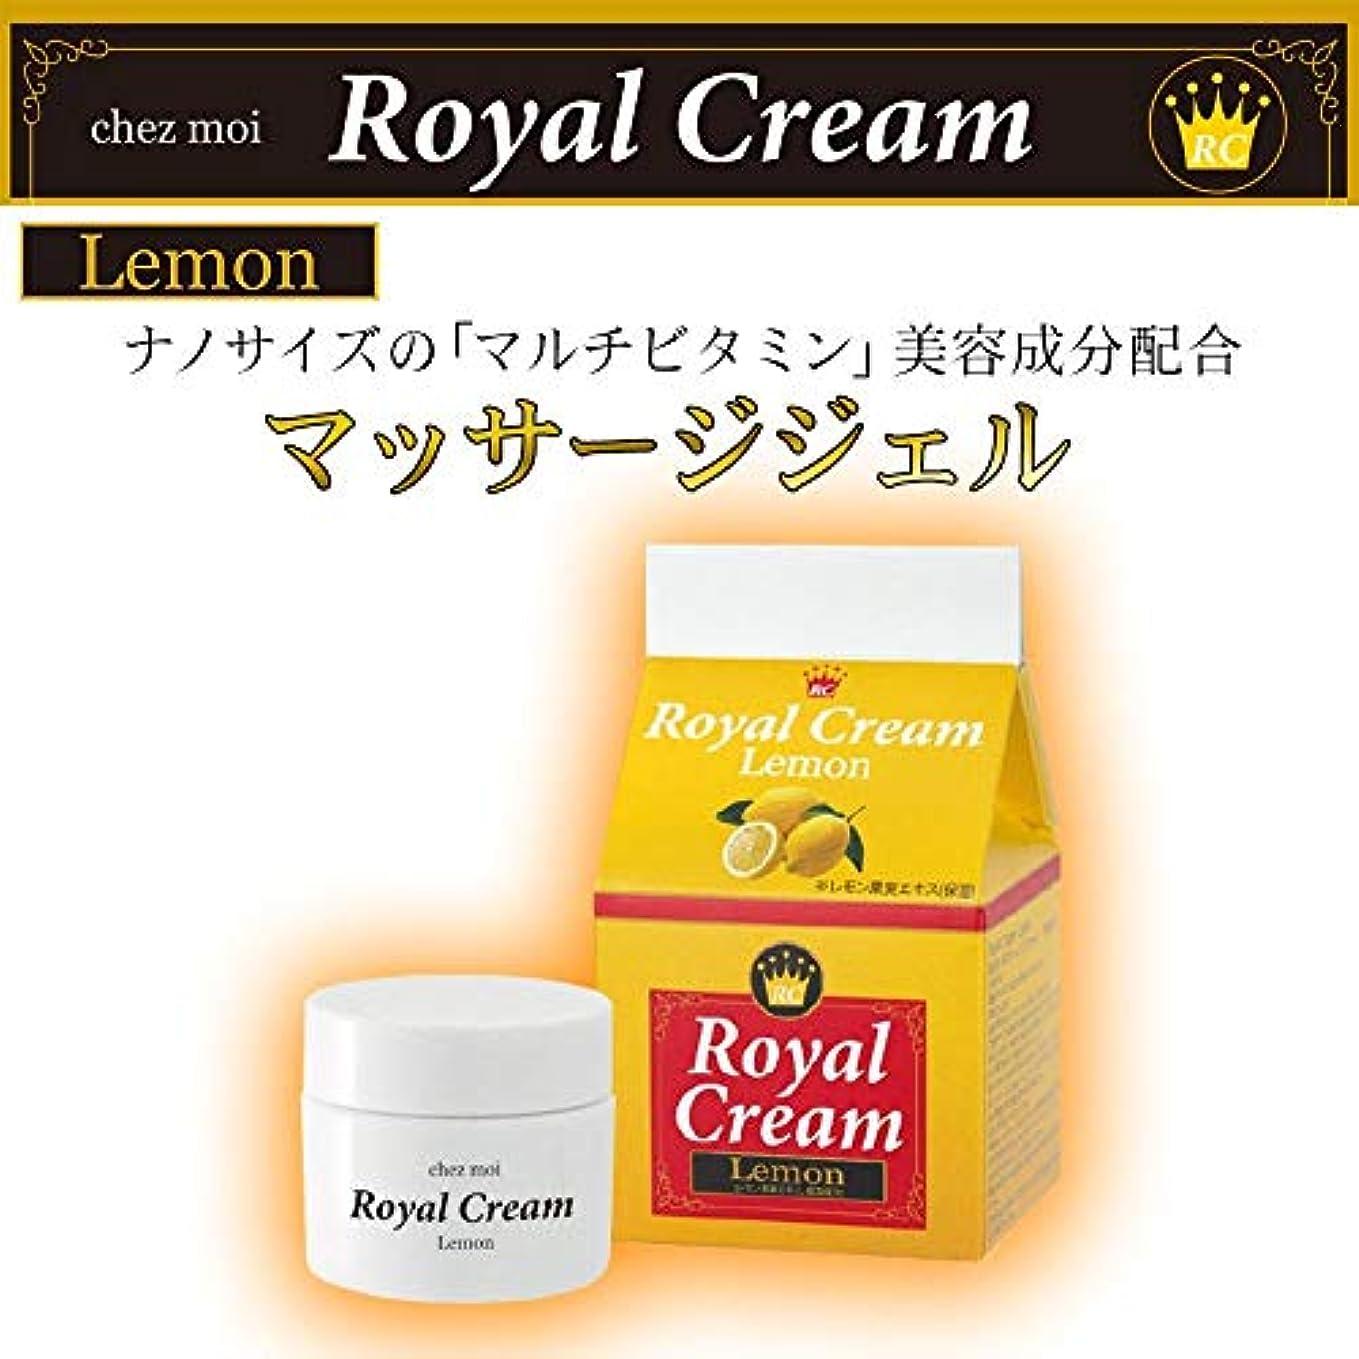 寄付セラーアラームRoyal Cream(ロイヤルクリーム) Lemon(レモン) マッサージジェル 30g